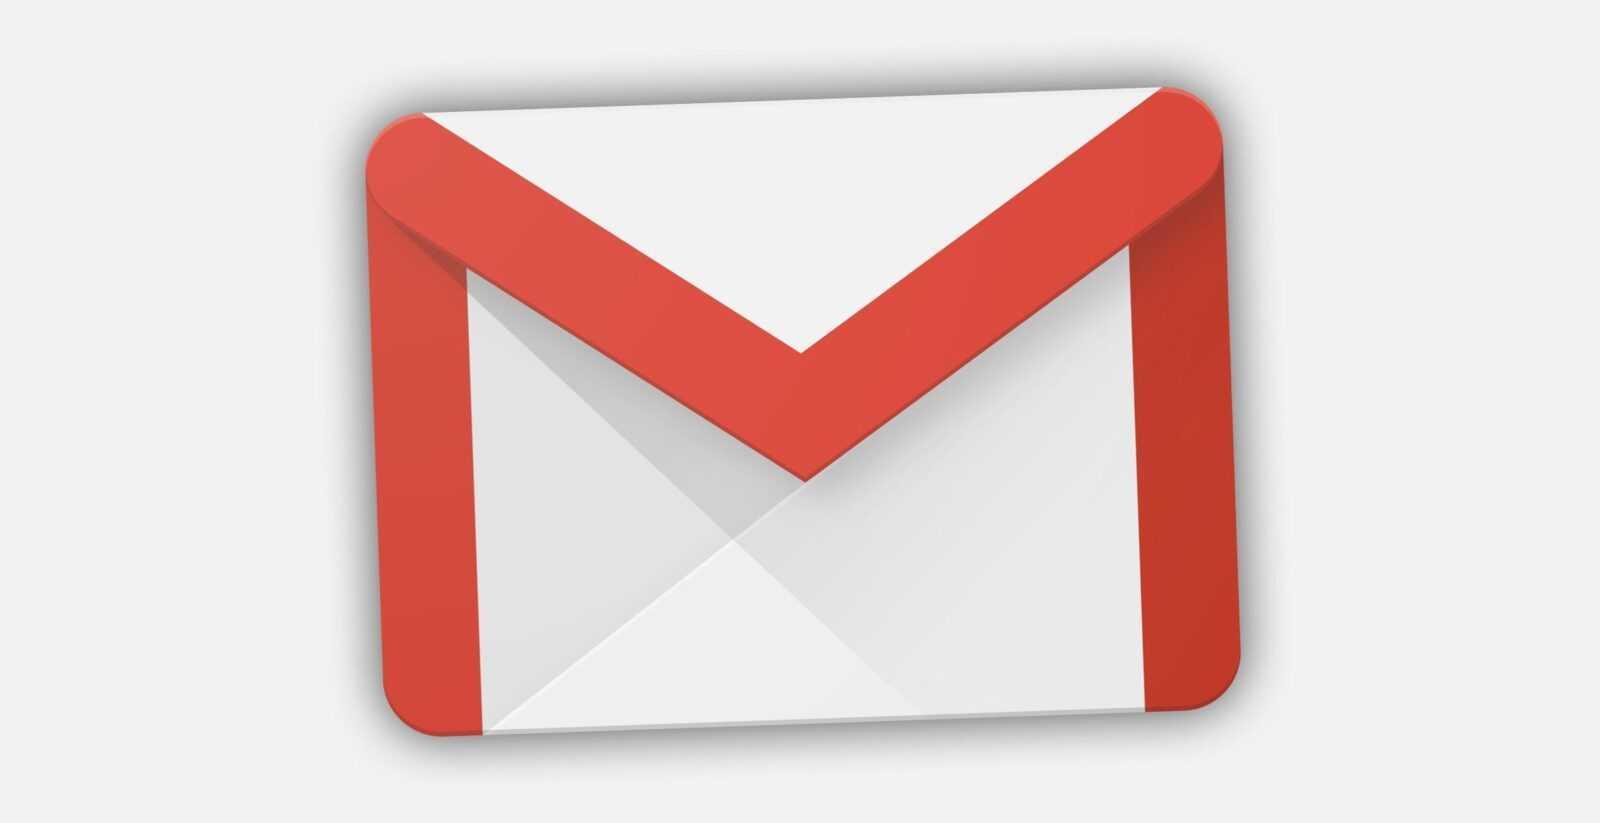 Gmail à Nouveau En Panne: Encore Des Problèmes Pour Google